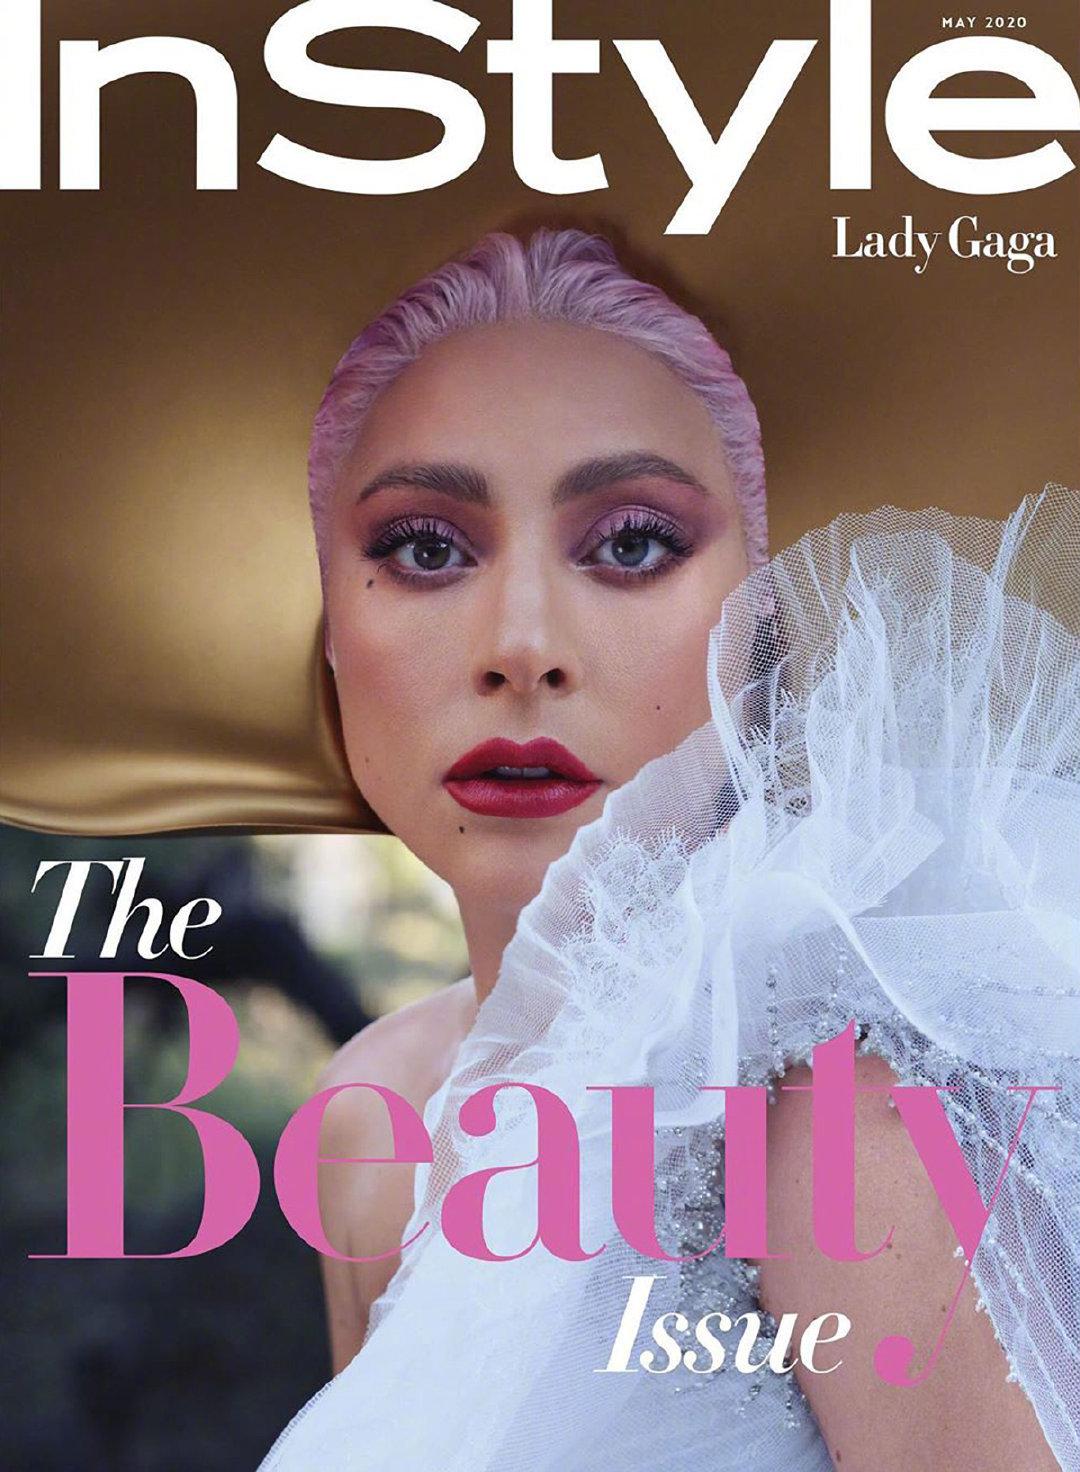 Lady Gaga为InStyle杂志美国版5月刊拍摄的新写真,充满春天的气息